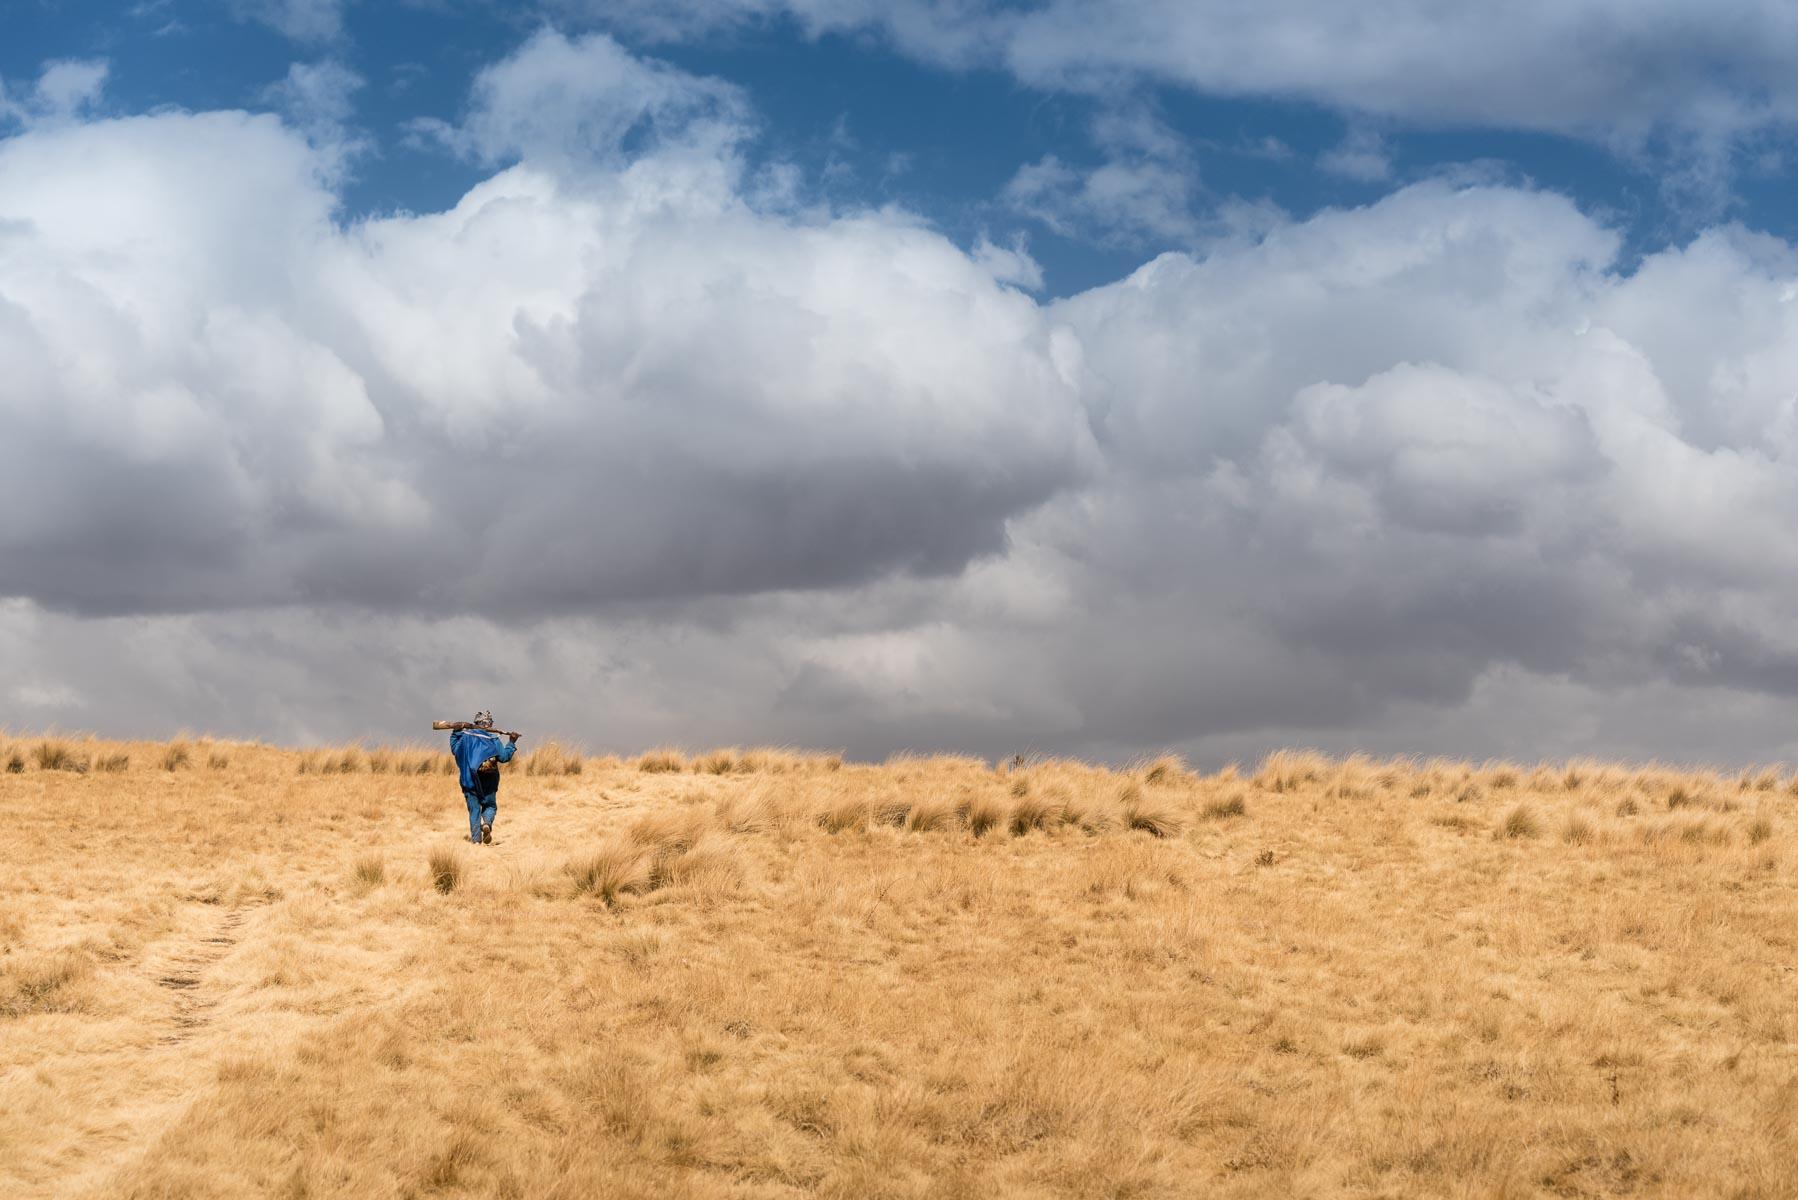 Christian Meixner Fotografie, Fotograf Zürich, Äthiopien, Simien Mountains, Reisen, Reisefotografie